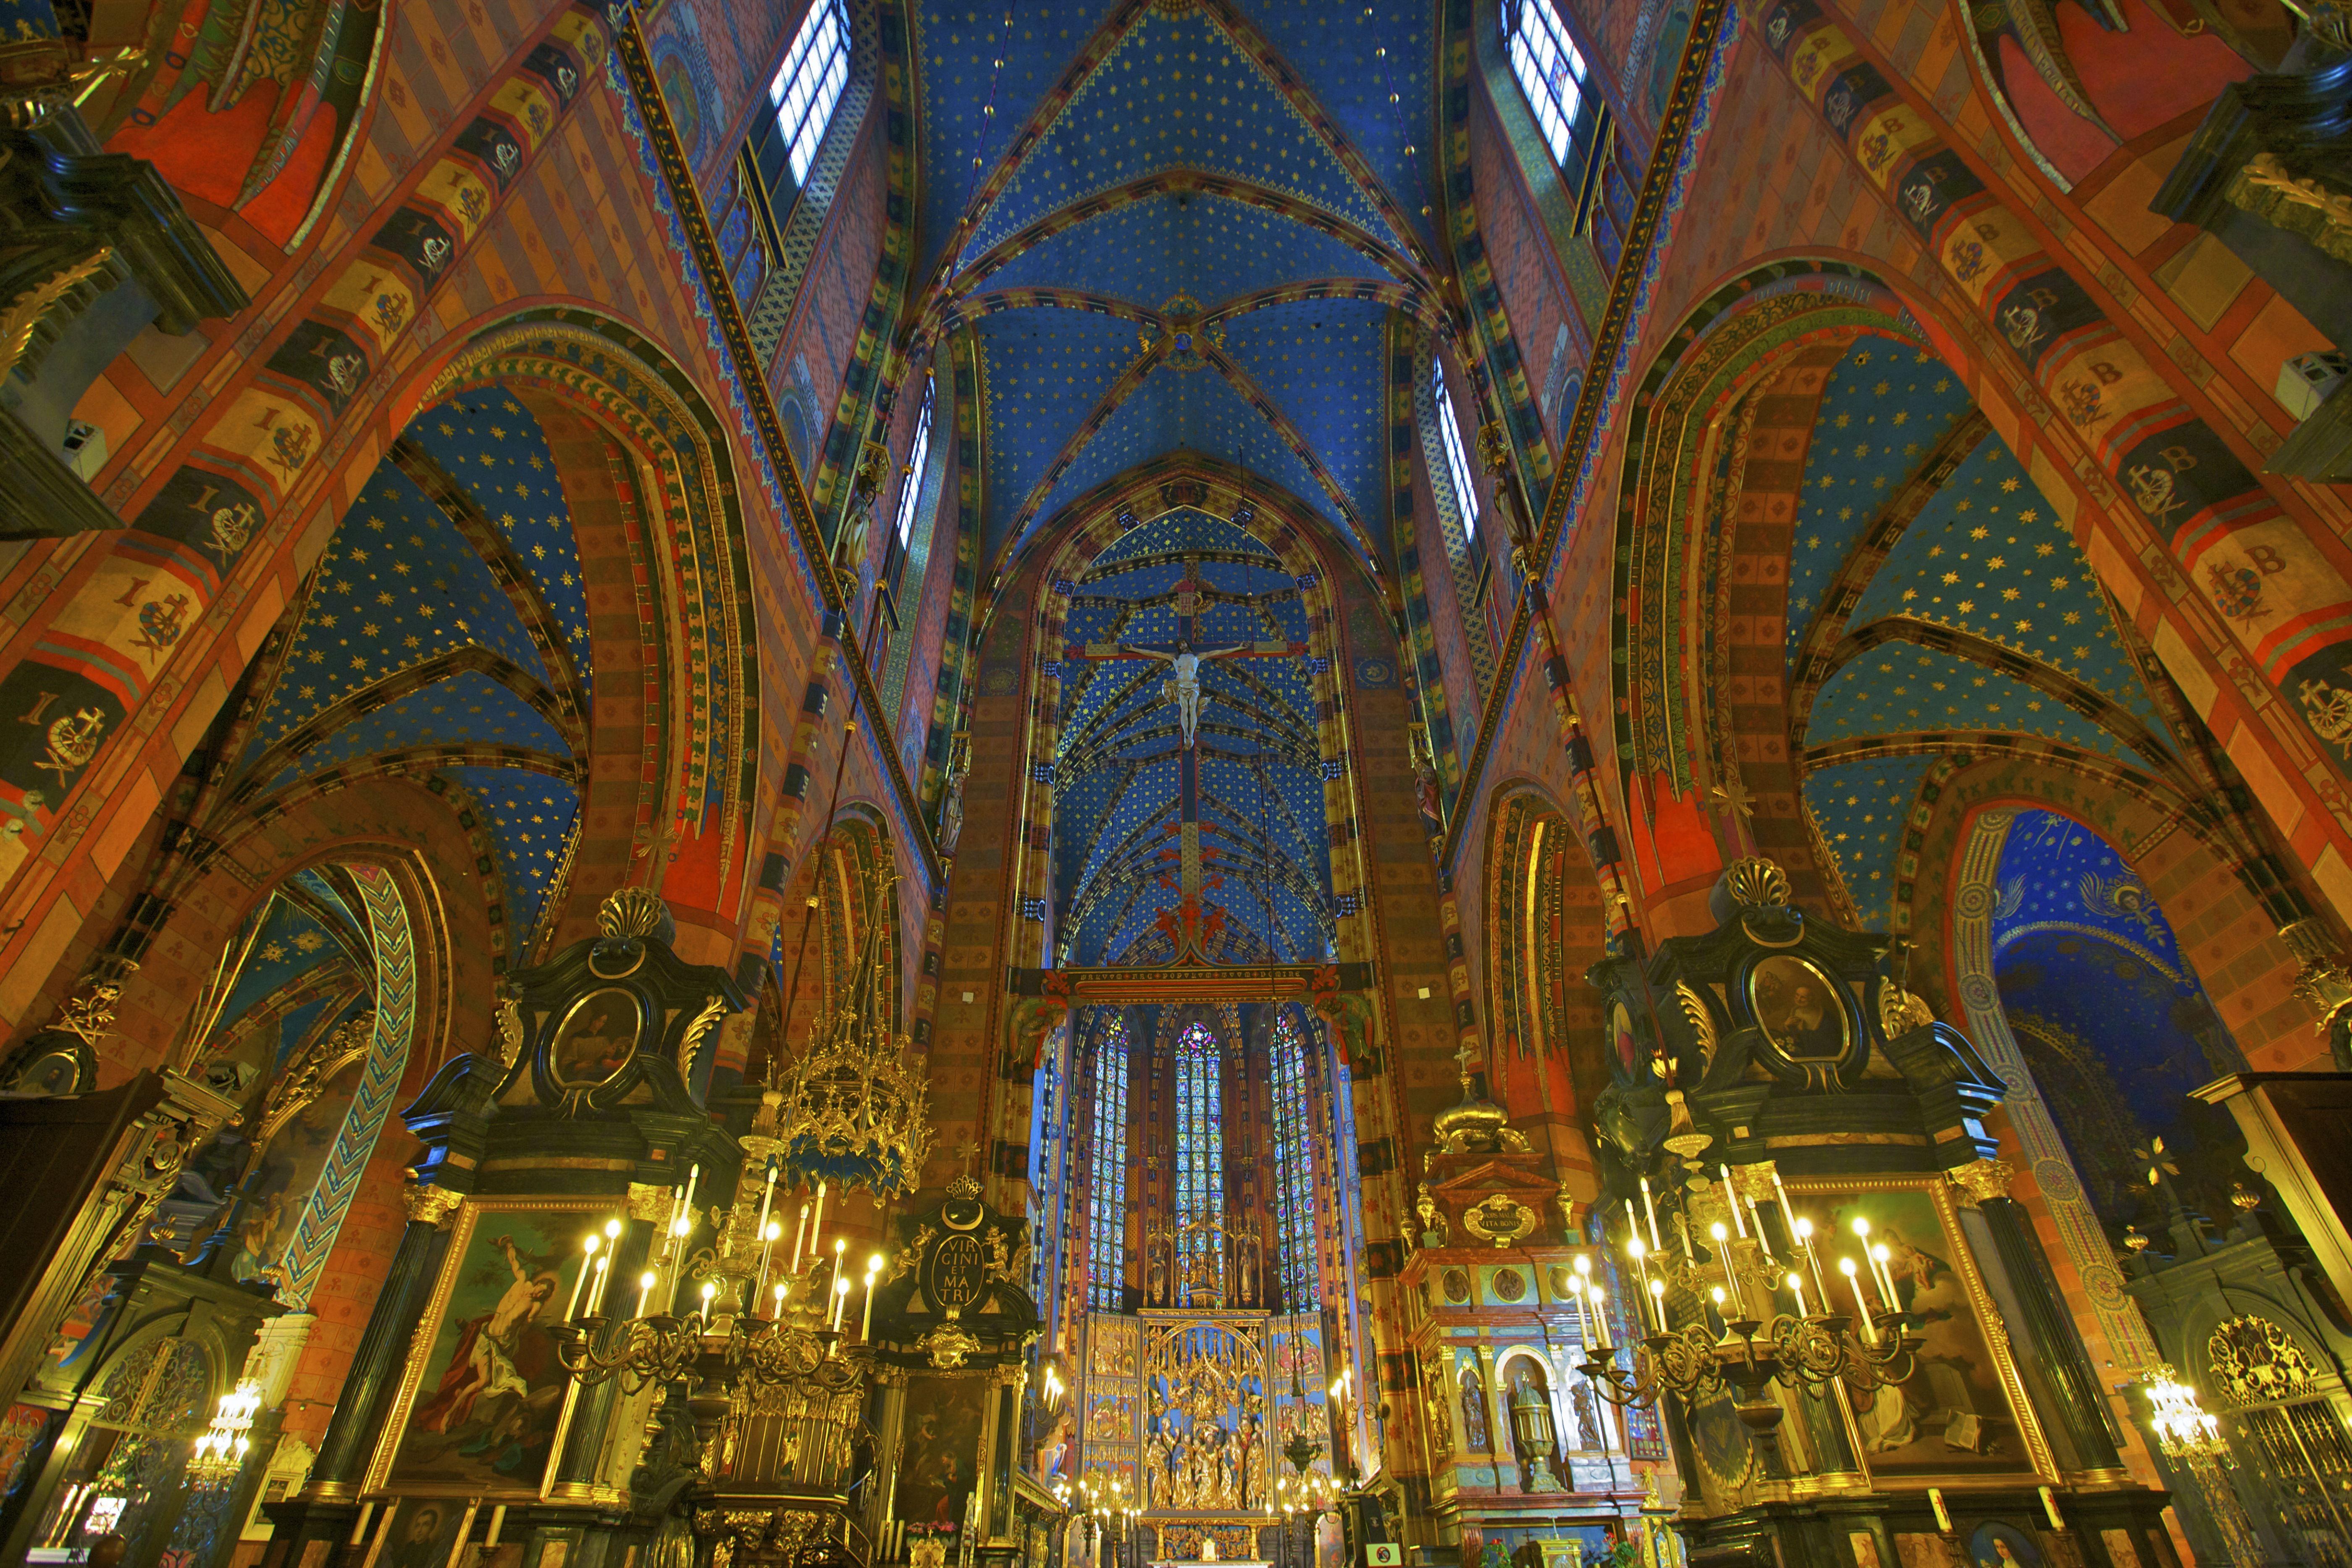 Church of St. Mary, Krakow, Poland